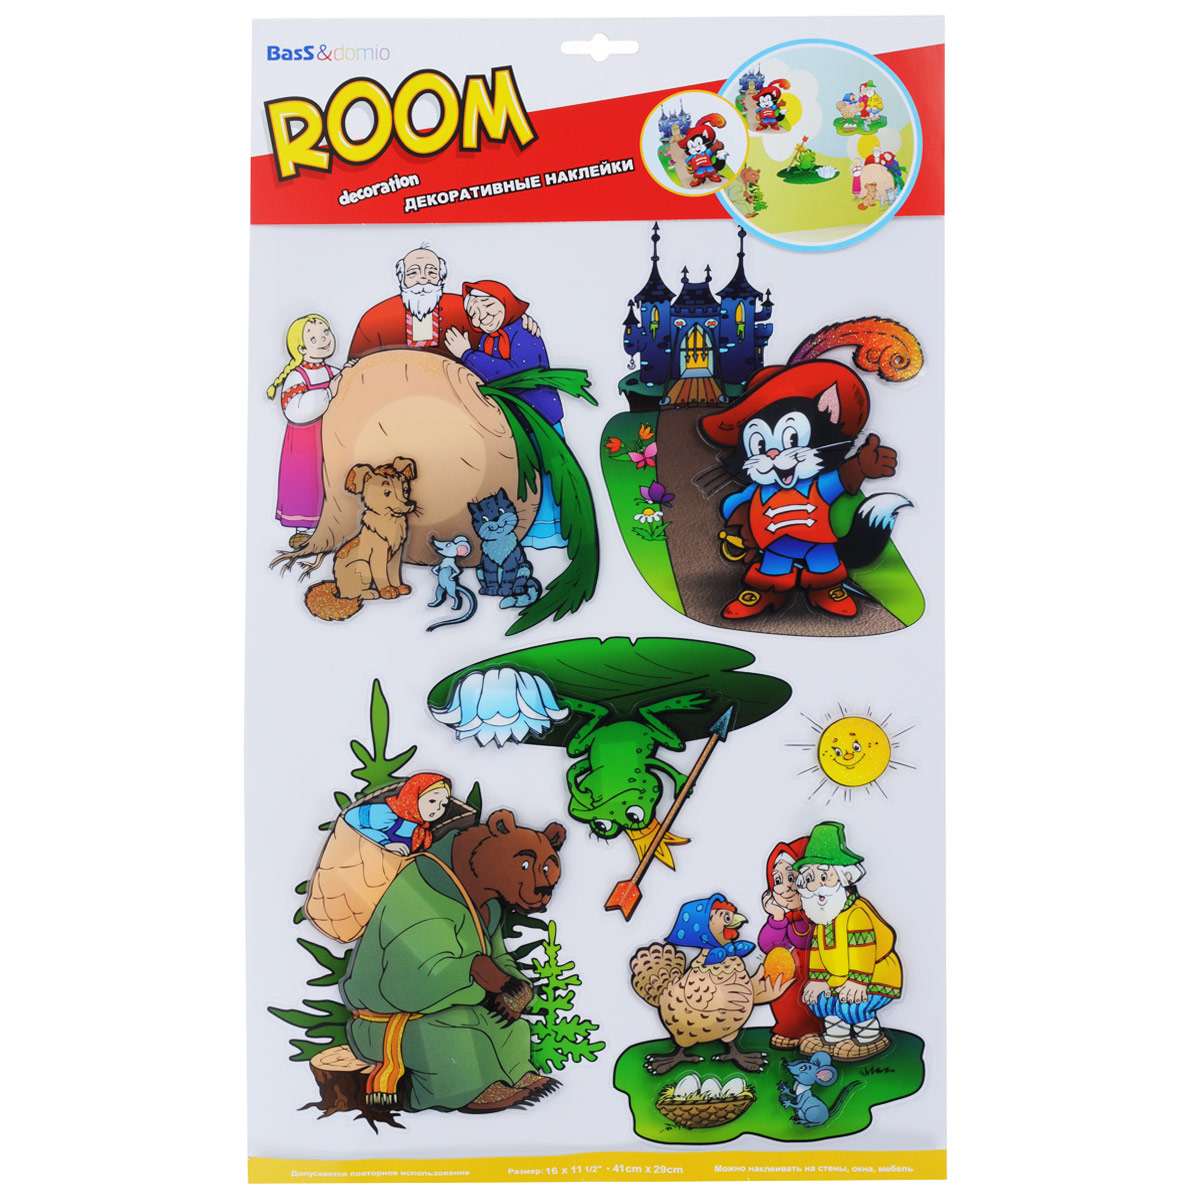 Наклейки для интерьера Room Decoration Сказки, объемные, 41 х 29 см наклейки для интерьера room decoration кокетка со стразами 50 х 32 см